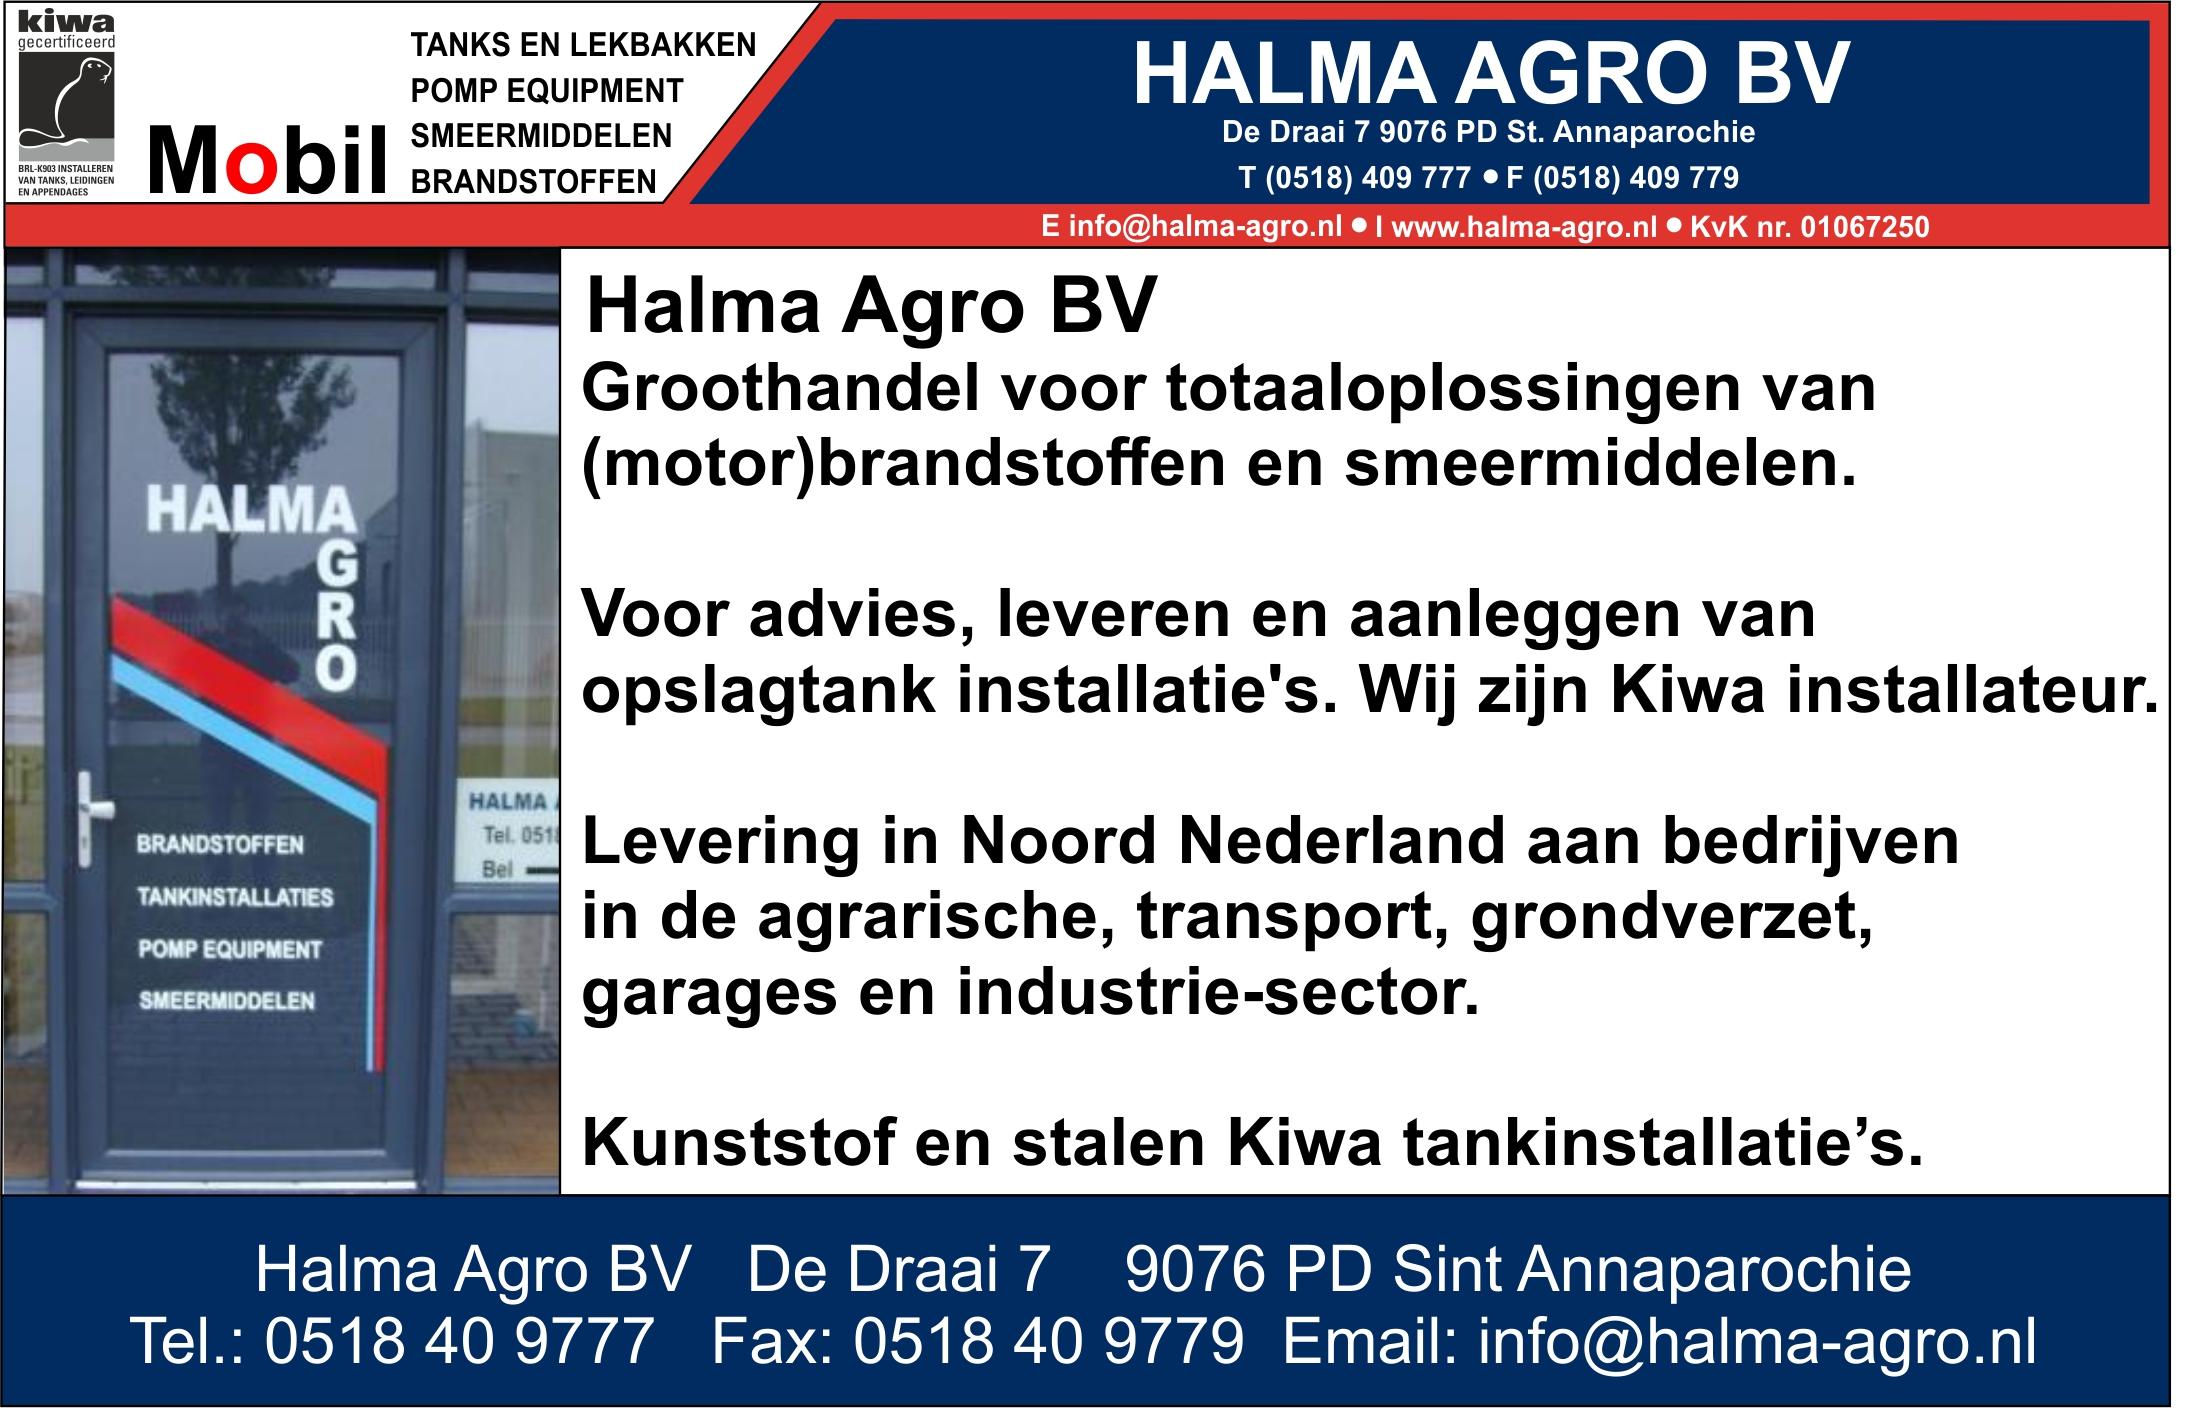 ADV Halma-Agro web2